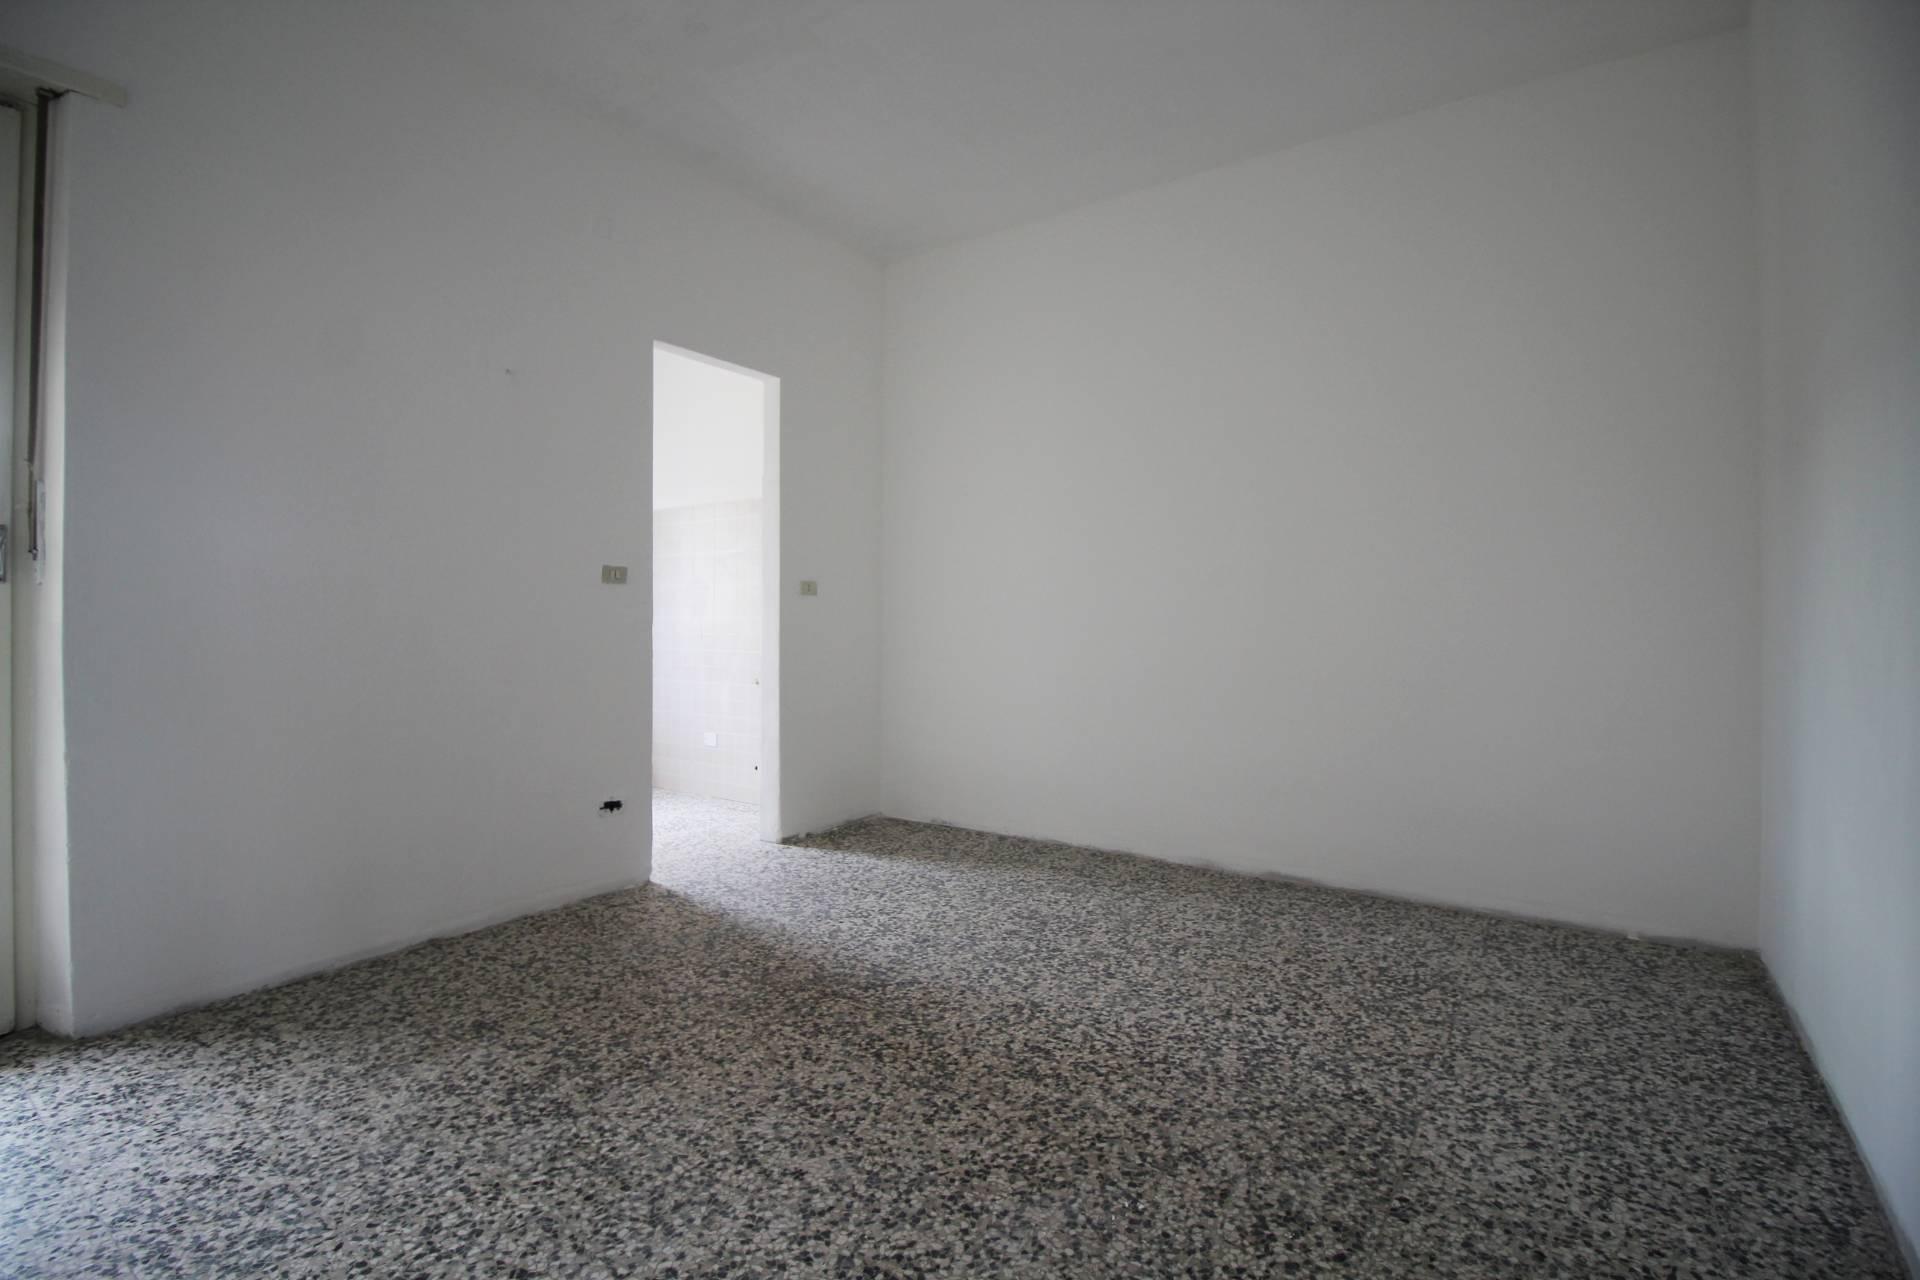 Appartamento in vendita a Moncalieri, 2 locali, zona Località: Moncalieri-piazzaBengasi, prezzo € 54.000 | CambioCasa.it